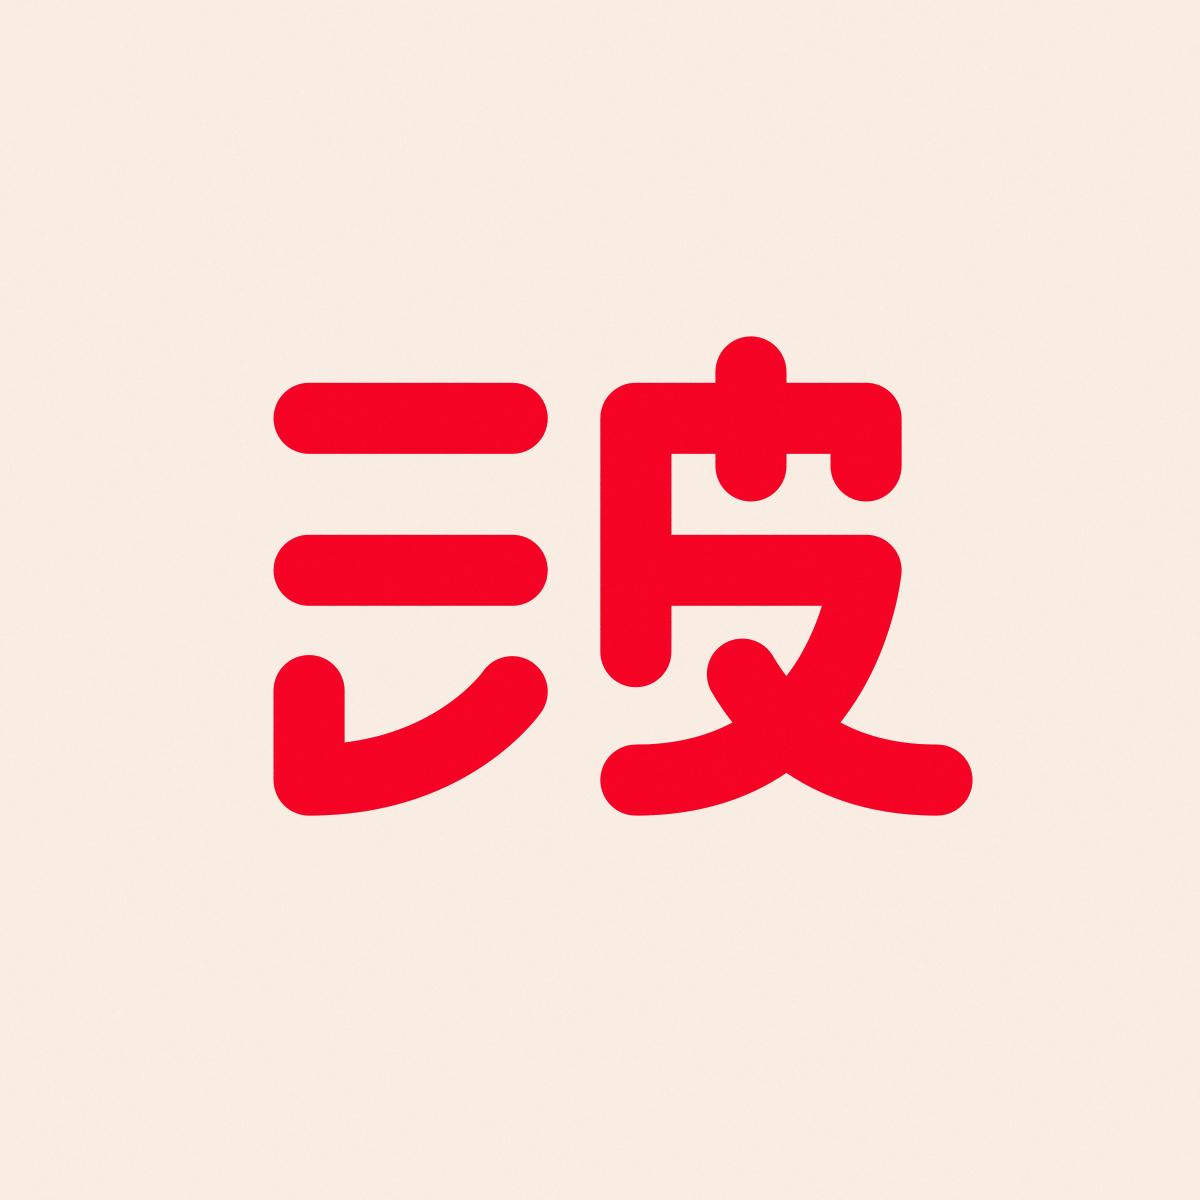 TBS_Waves_KanjiInterp_1